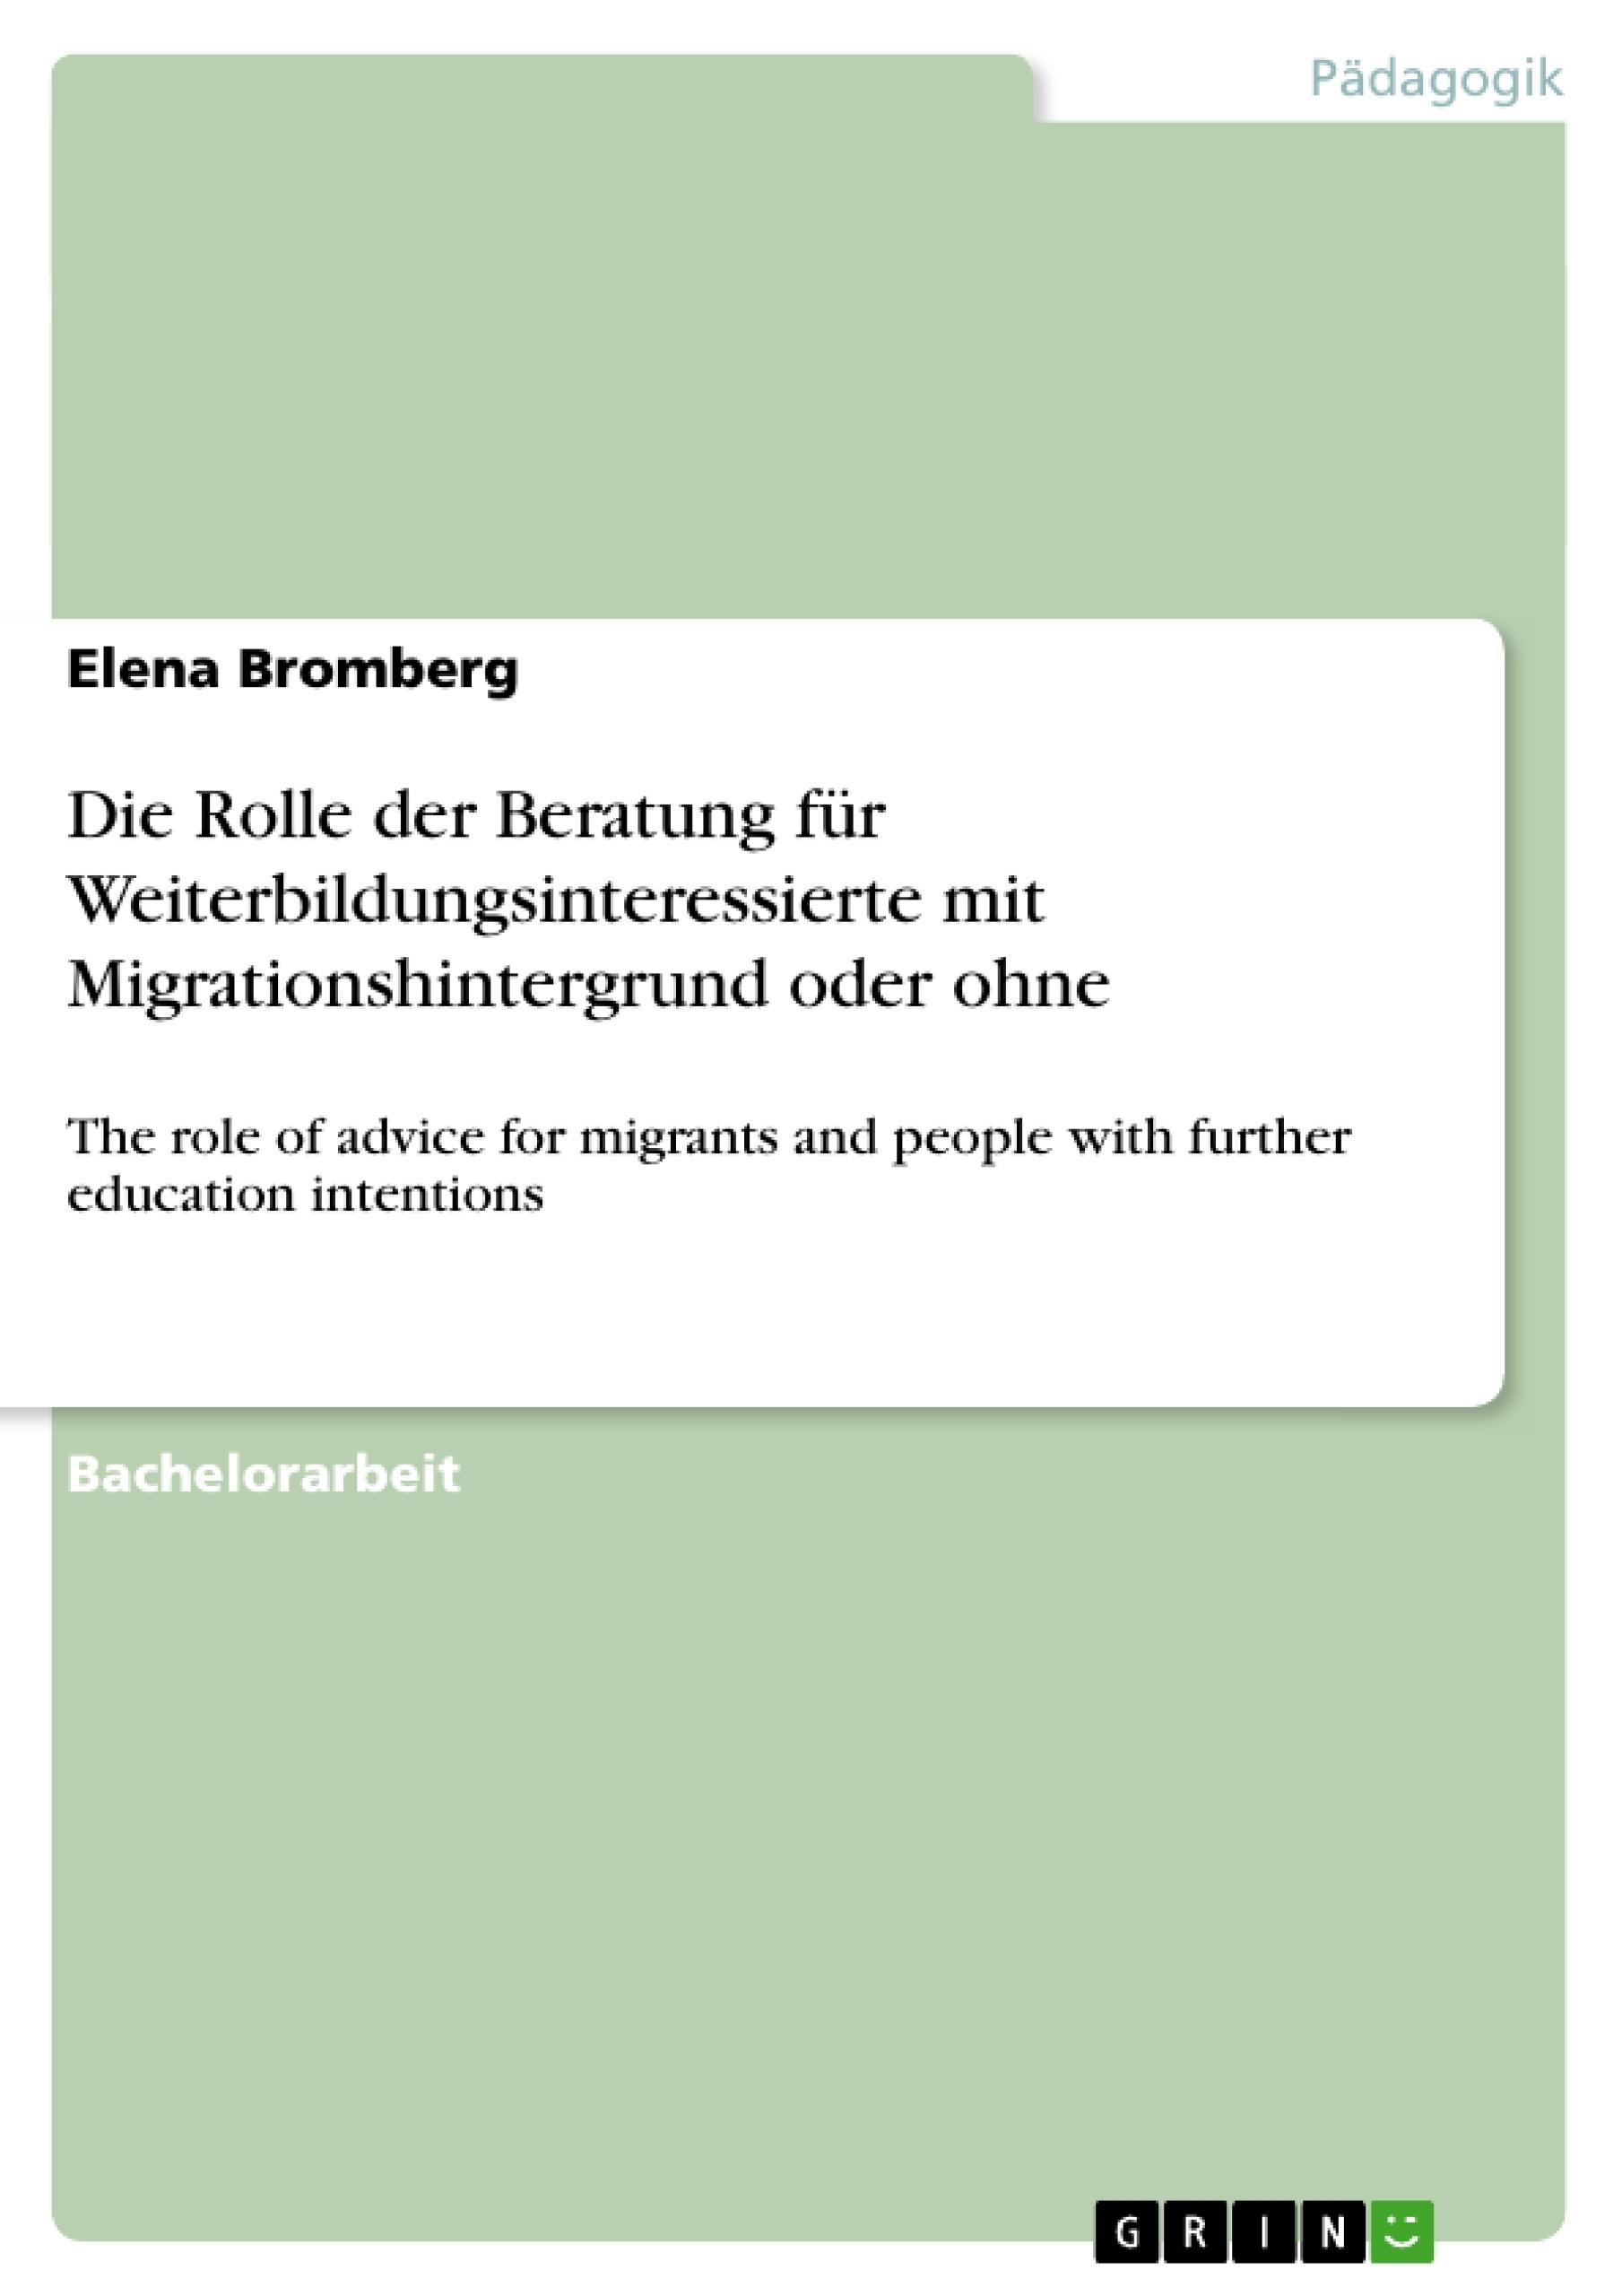 Titel: Die Rolle der Beratung für Weiterbildungsinteressierte mit Migrationshintergrund oder ohne